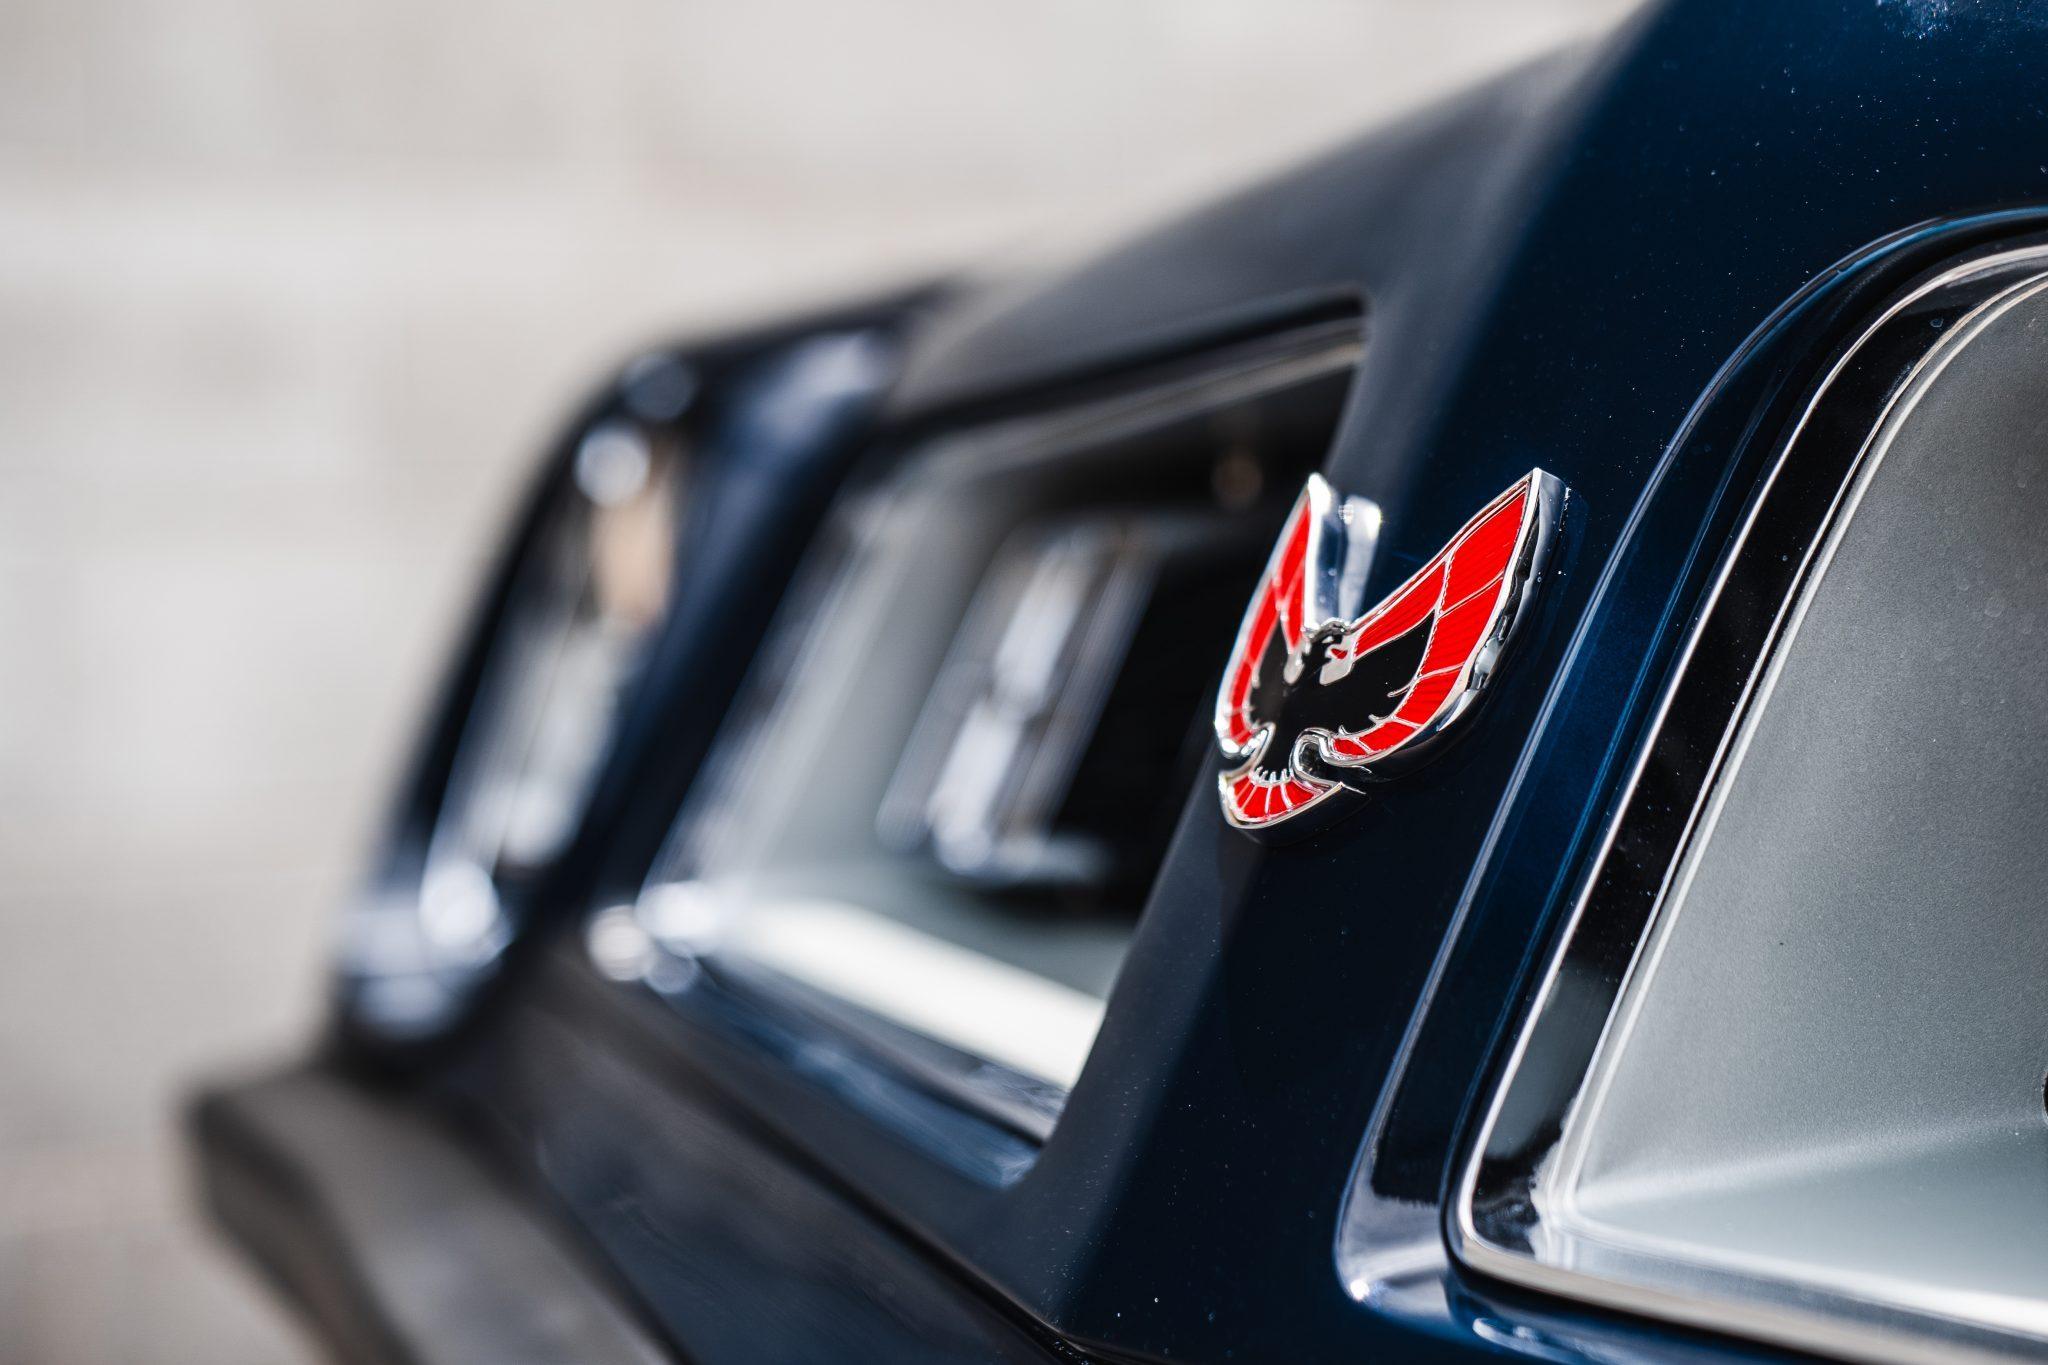 1975 Pontiac Trans Am Nose Emblem